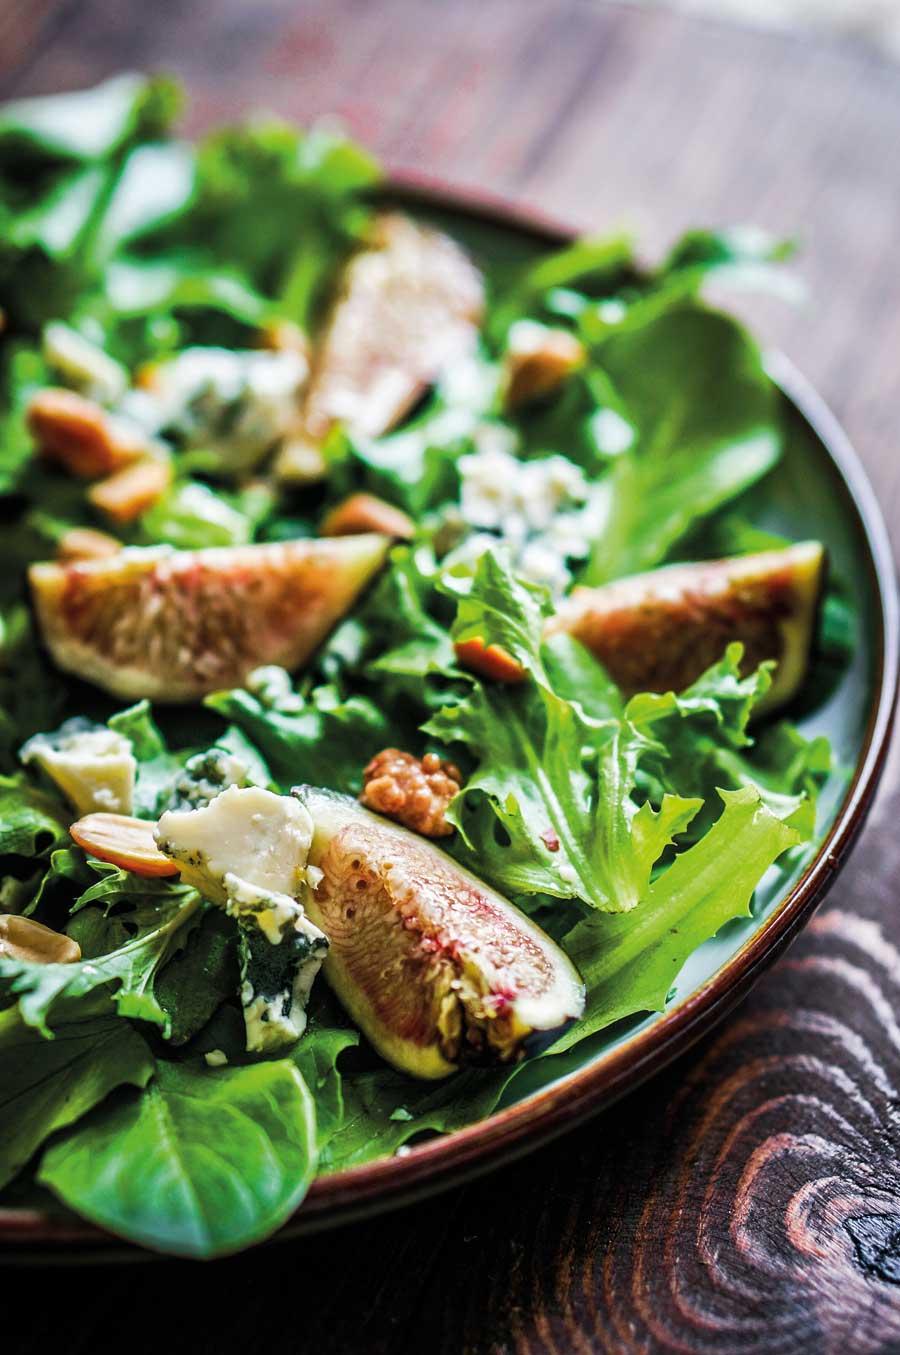 Δροσερή πράσινη σαλάτα με σύκα